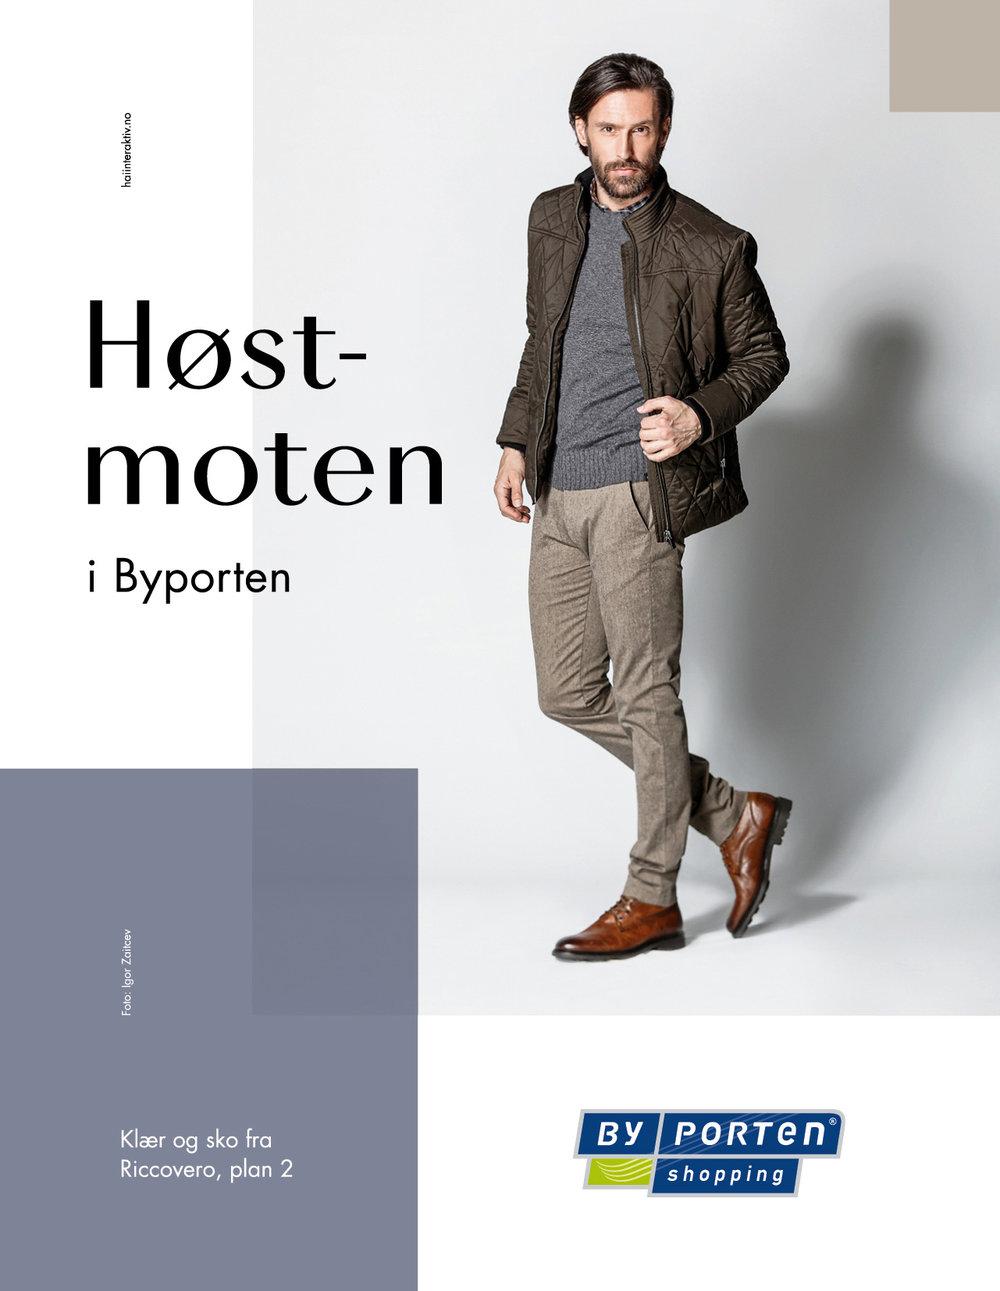 20171018-Høstmoten-STELLA-Herre.jpg